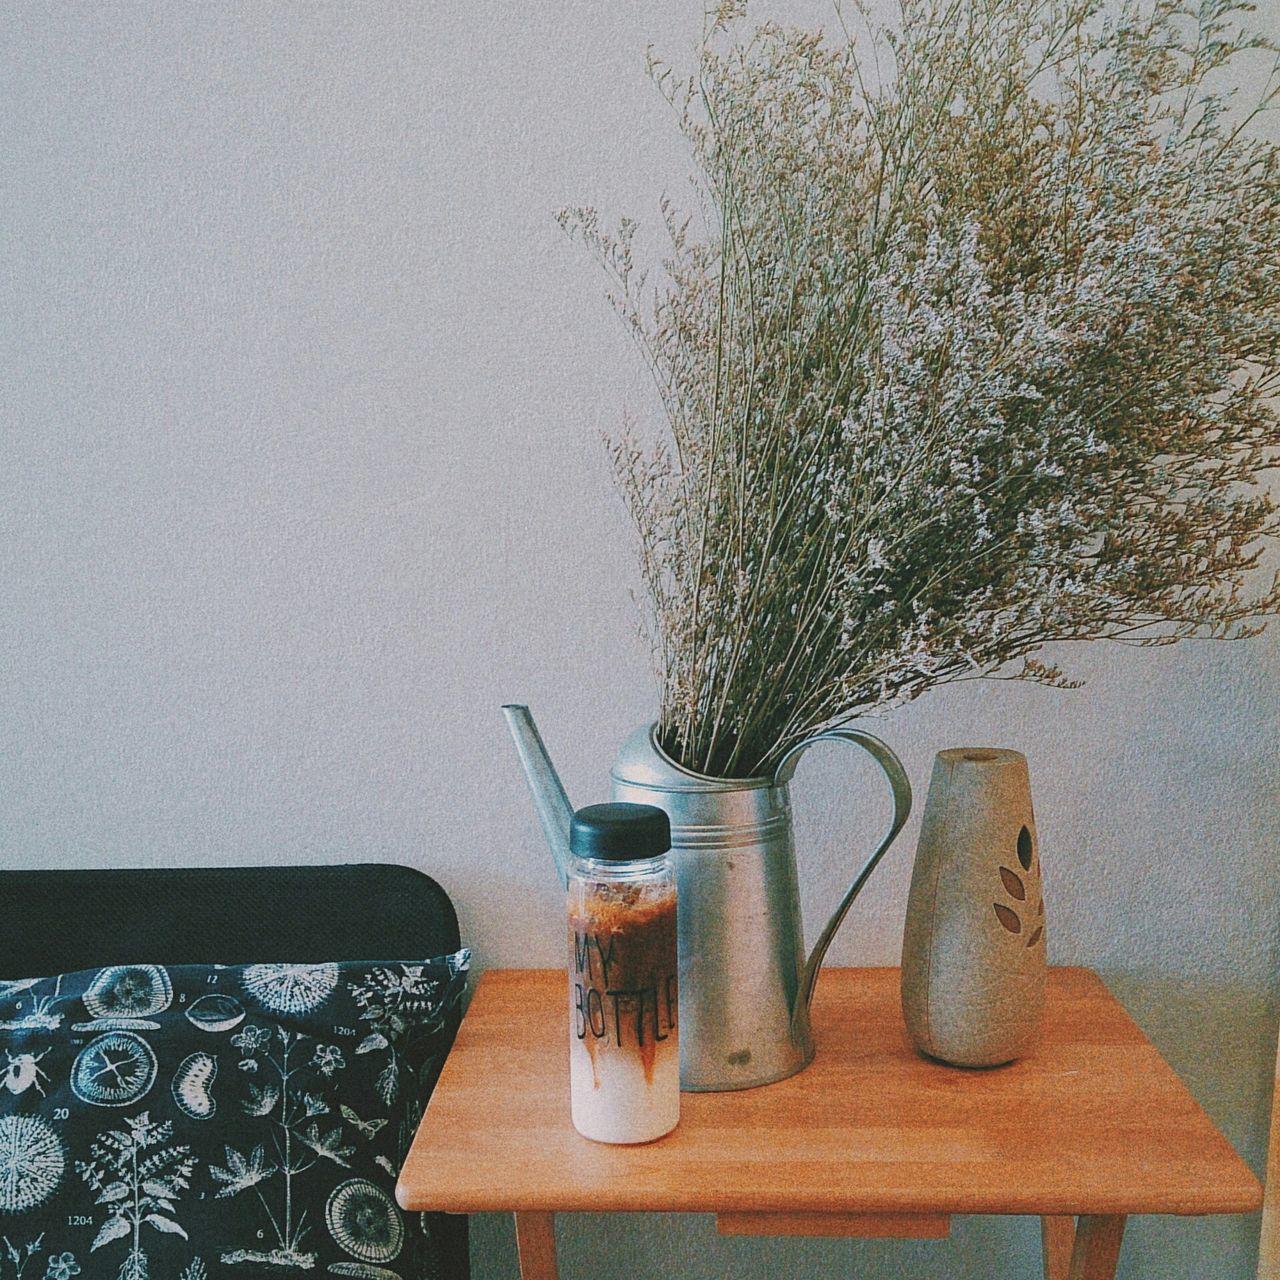 Relaxing Coffee Macchiato Caramel Macchiato Caramel Morning Studio Flower